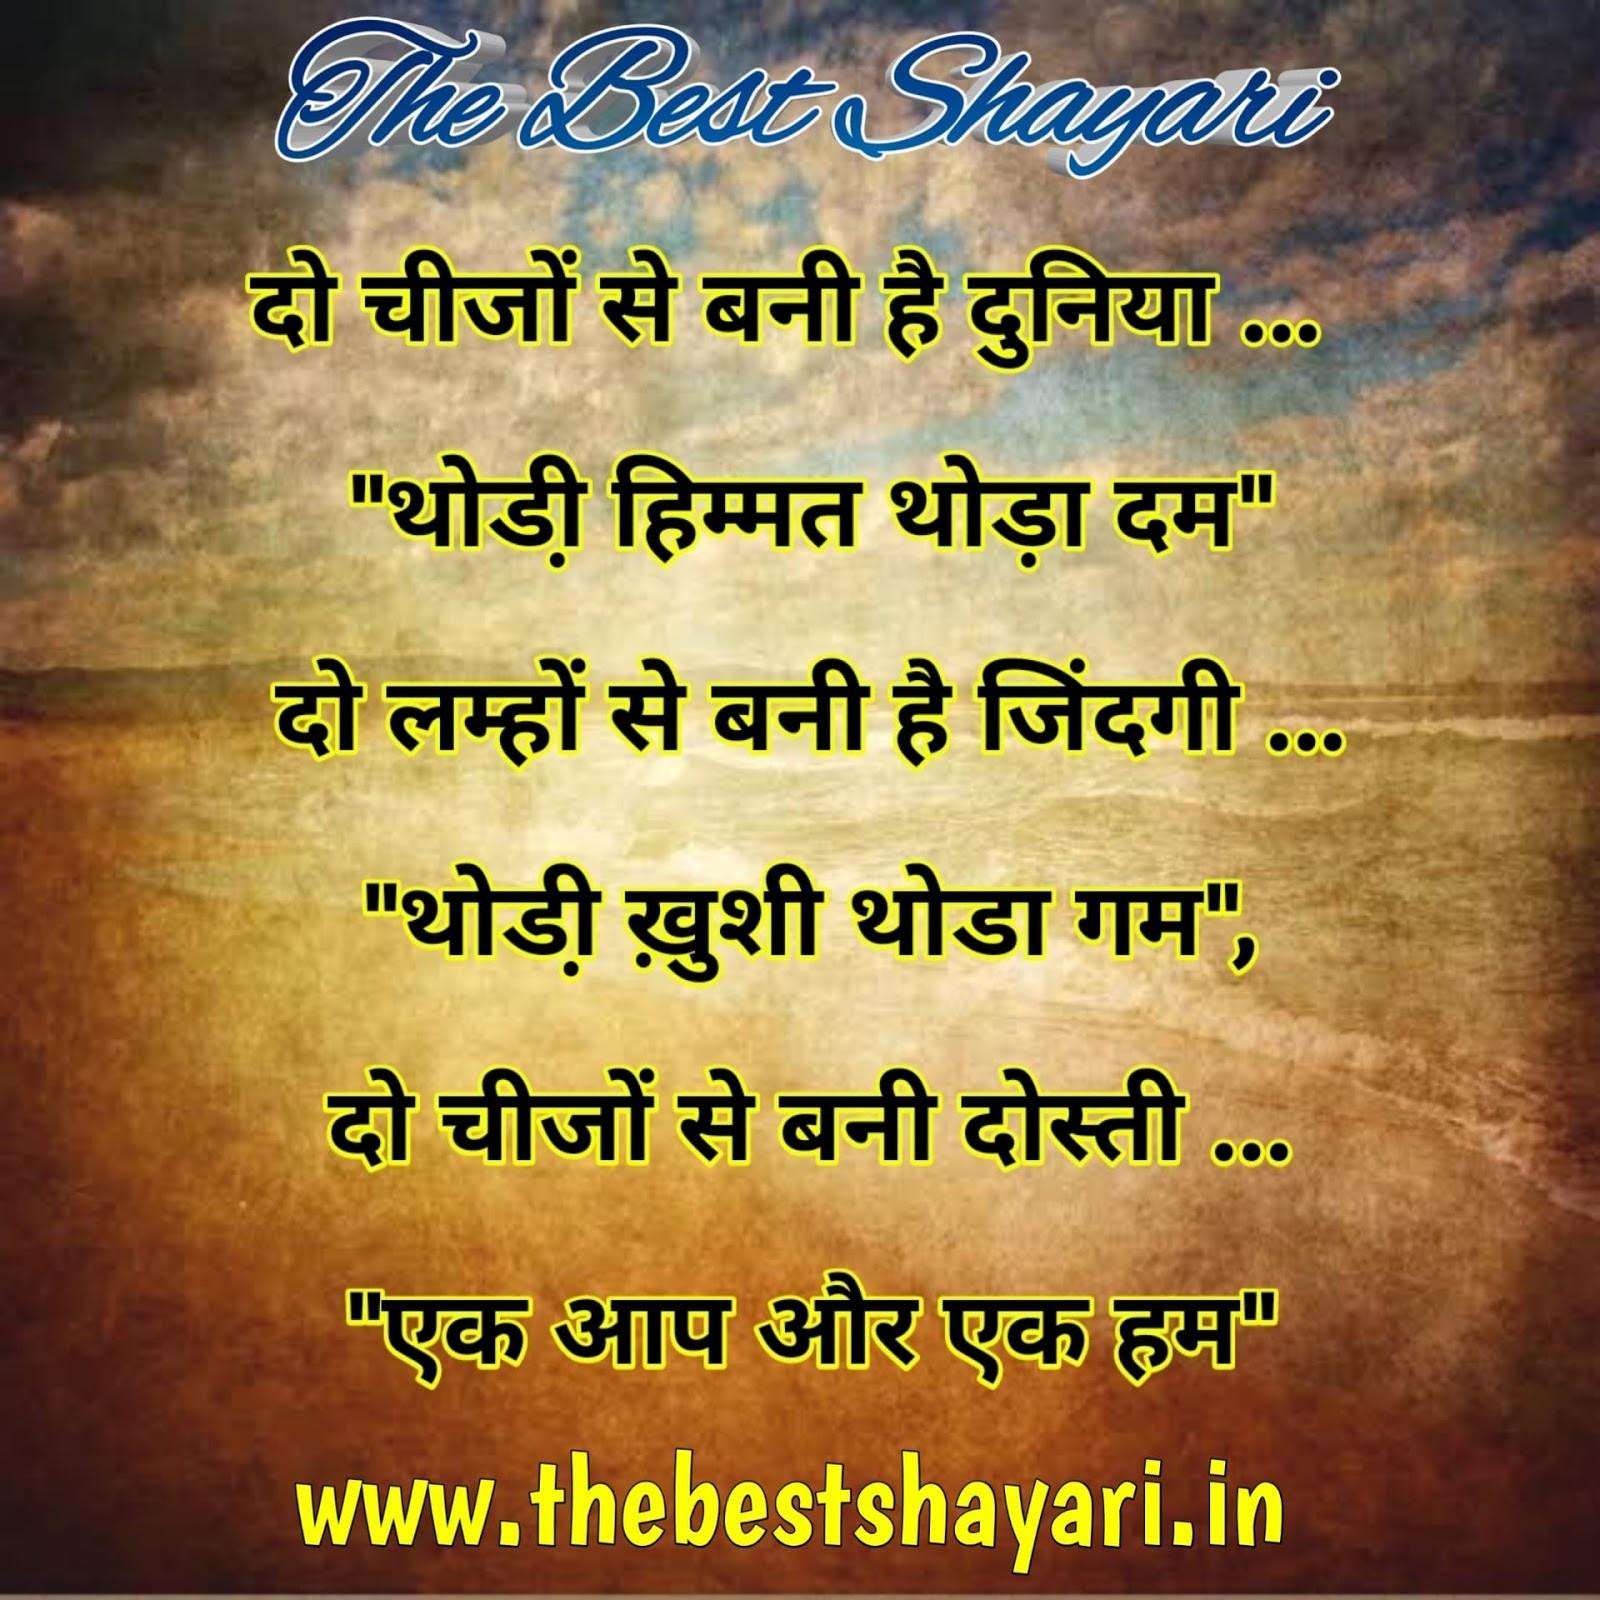 Shayari friends in Hindi